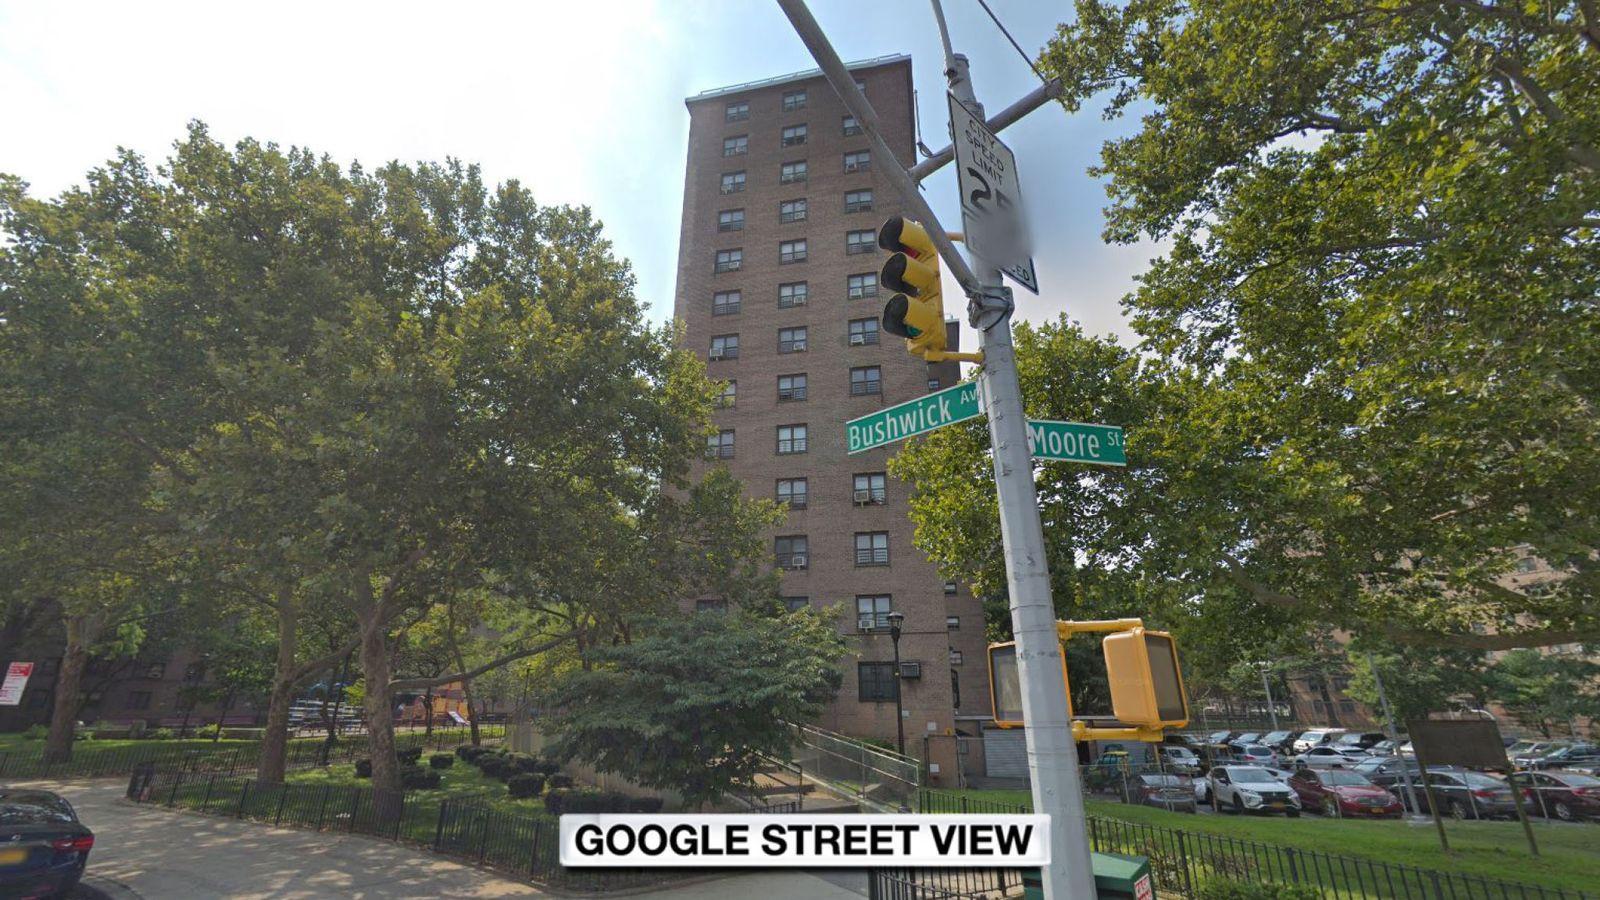 Caça ao homem em Nova Iorque. Jovem mutilada com criança no apartamento